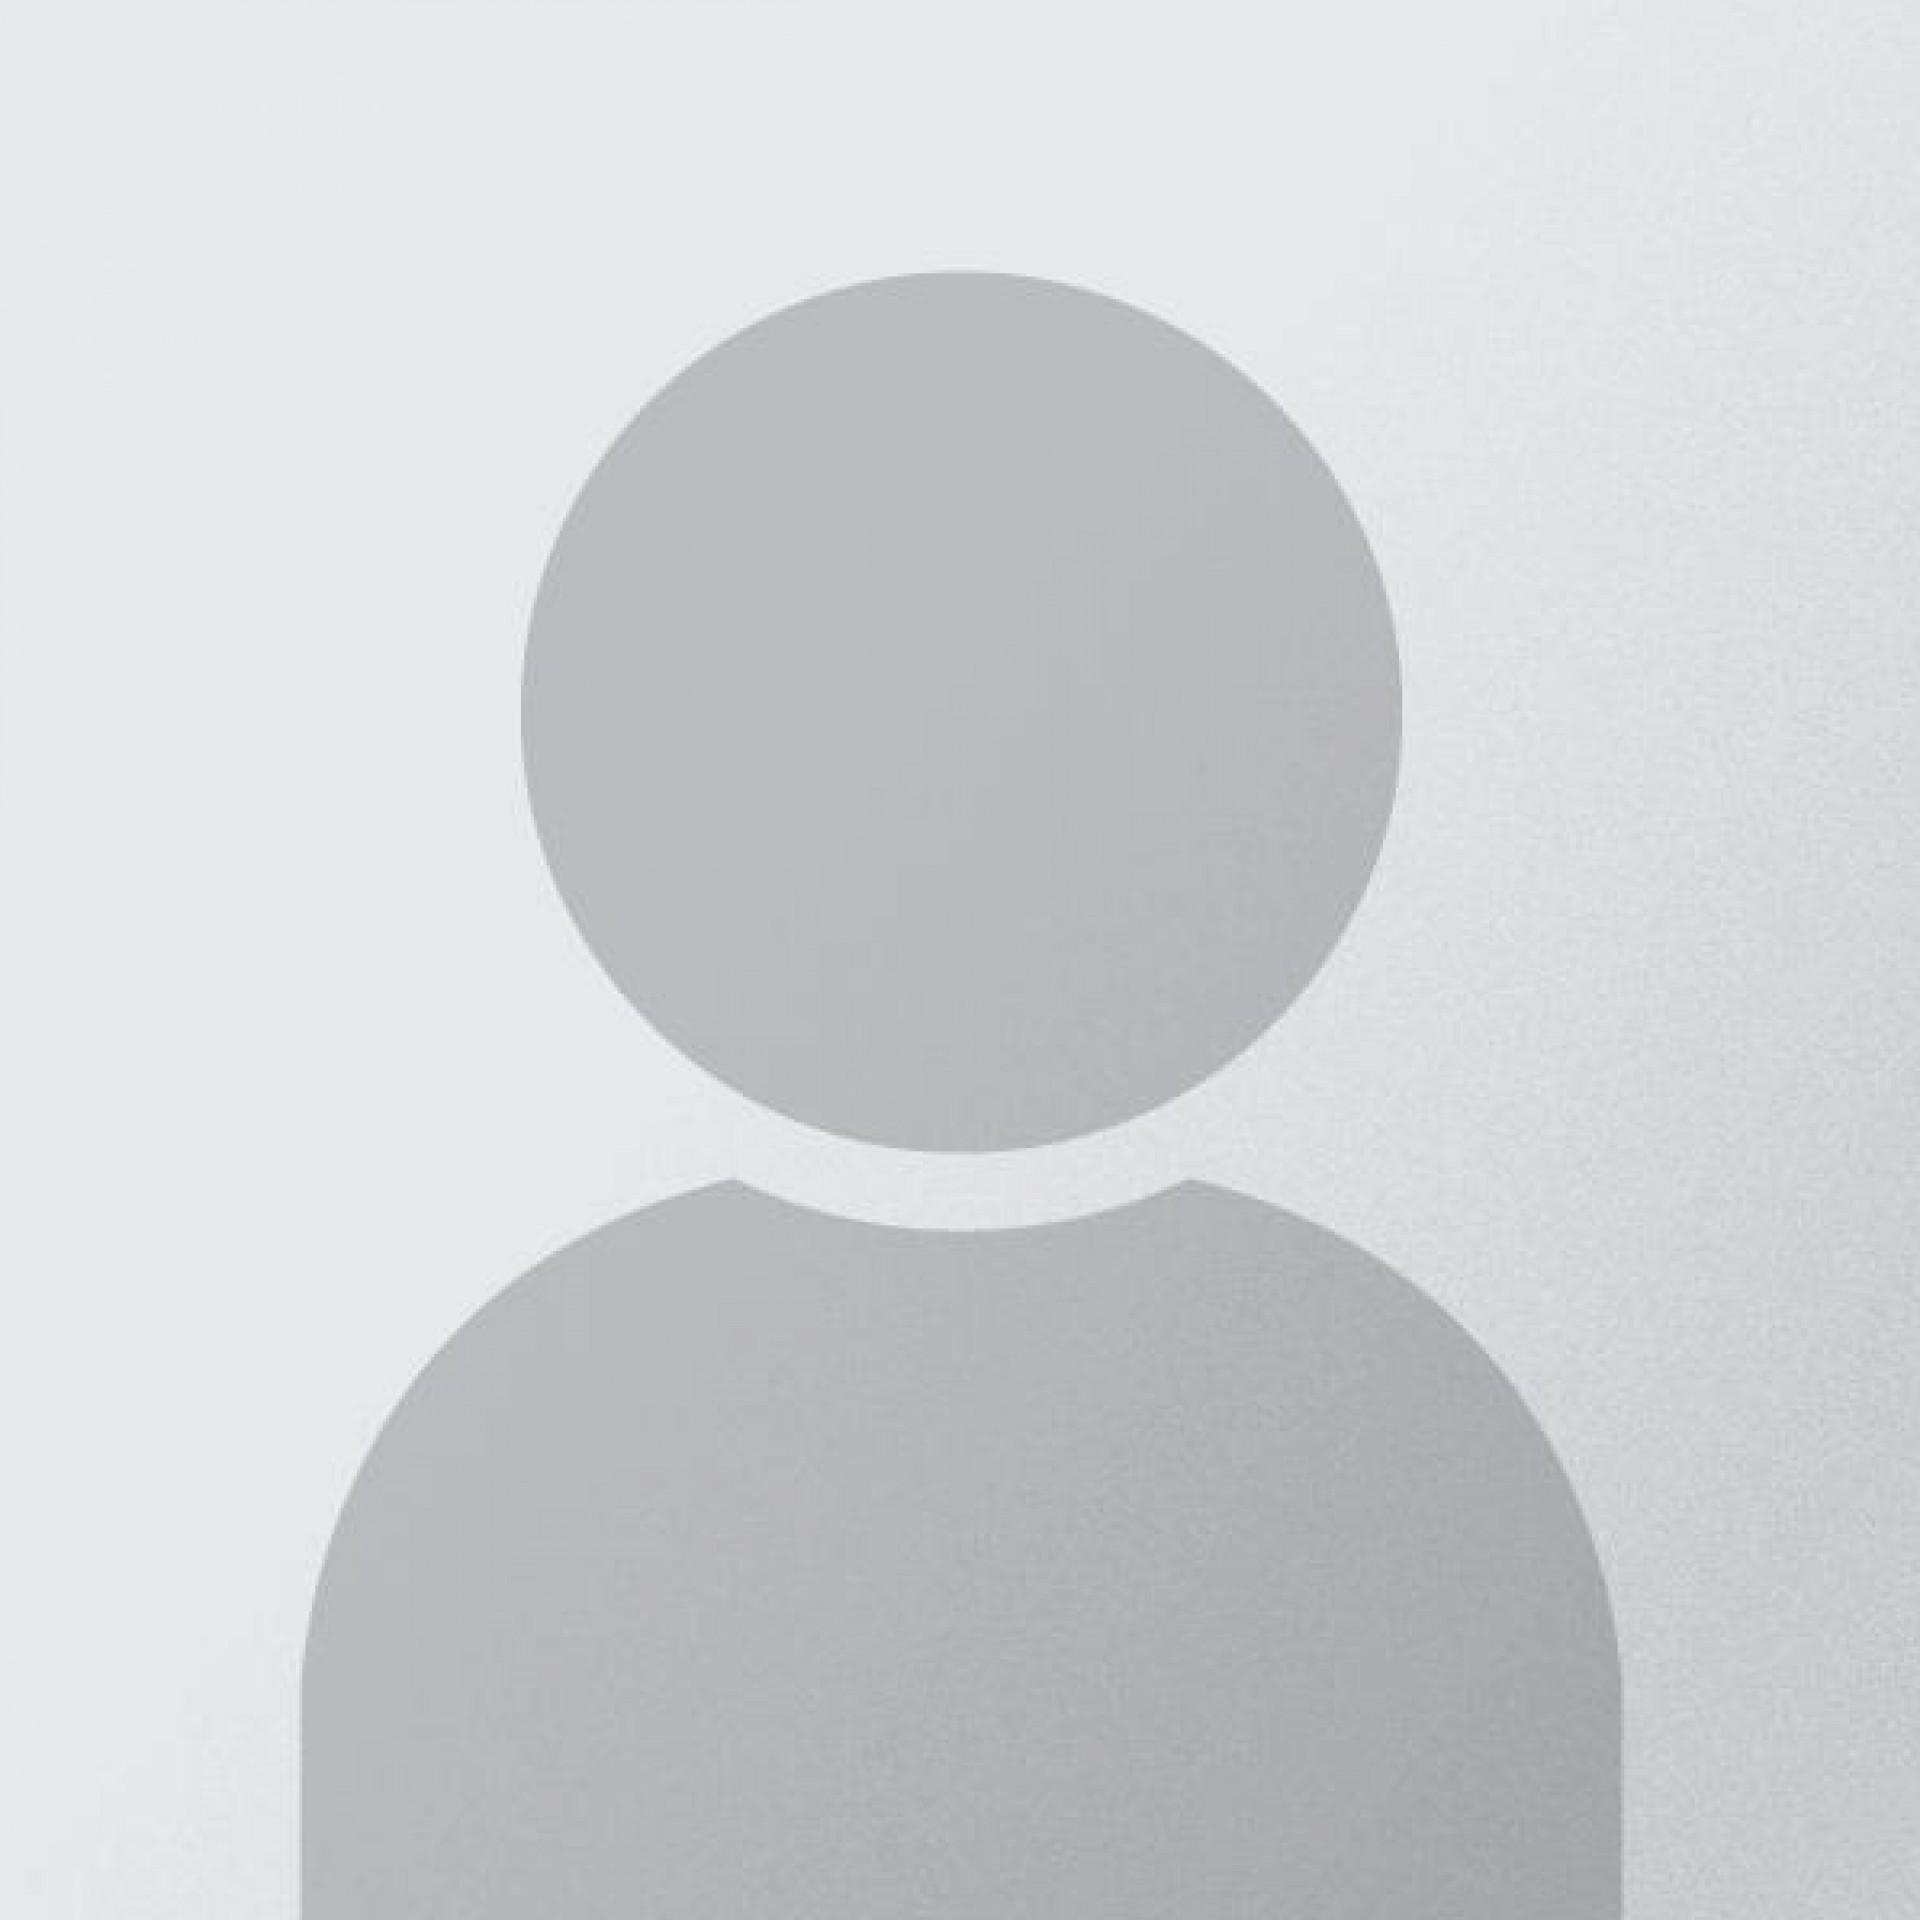 fotografia p021 profilu 01026D438Q